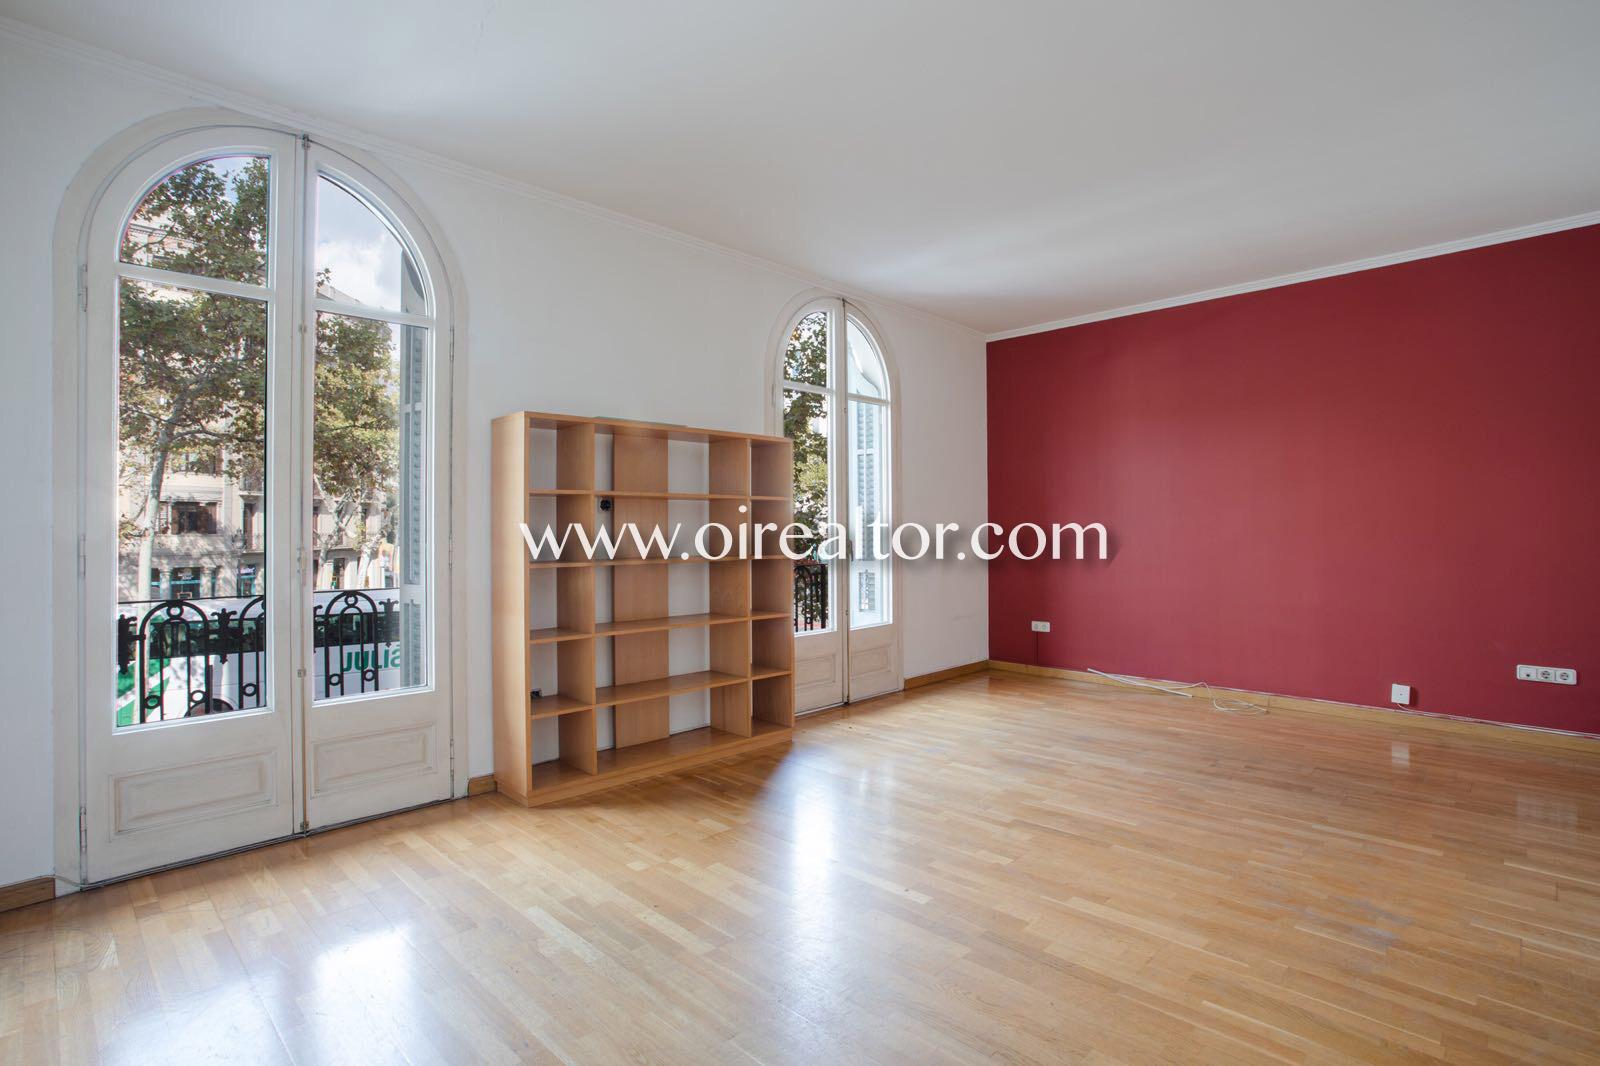 Великолепная квартира для продажи в величественном королевском поместье в Эшампле Эскерра, Барселона